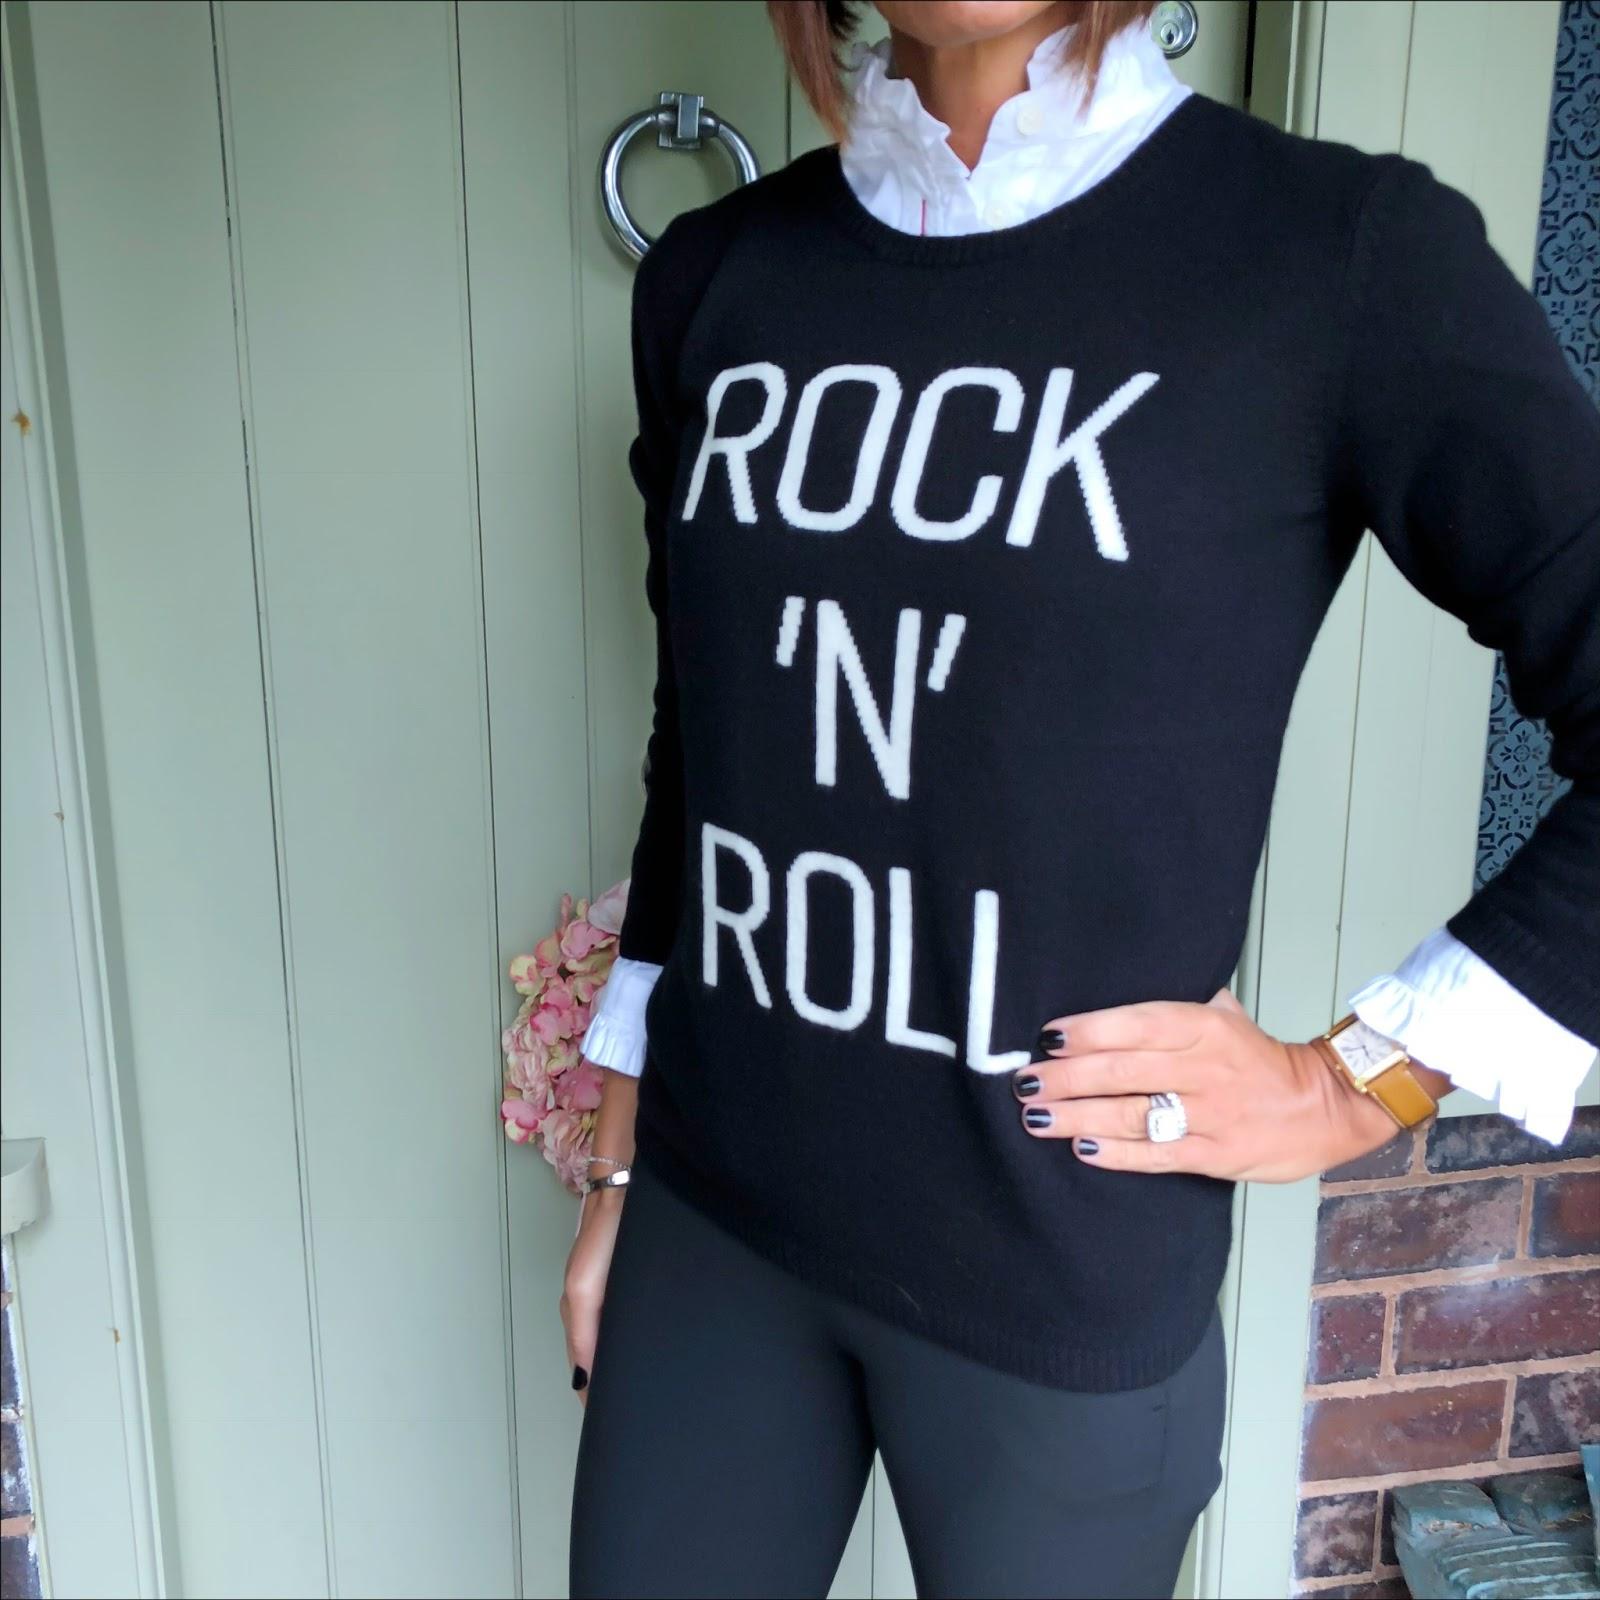 3b36f2fd4da2 WIW - All In The Slogan | My Midlife Fashion | Bloglovin'